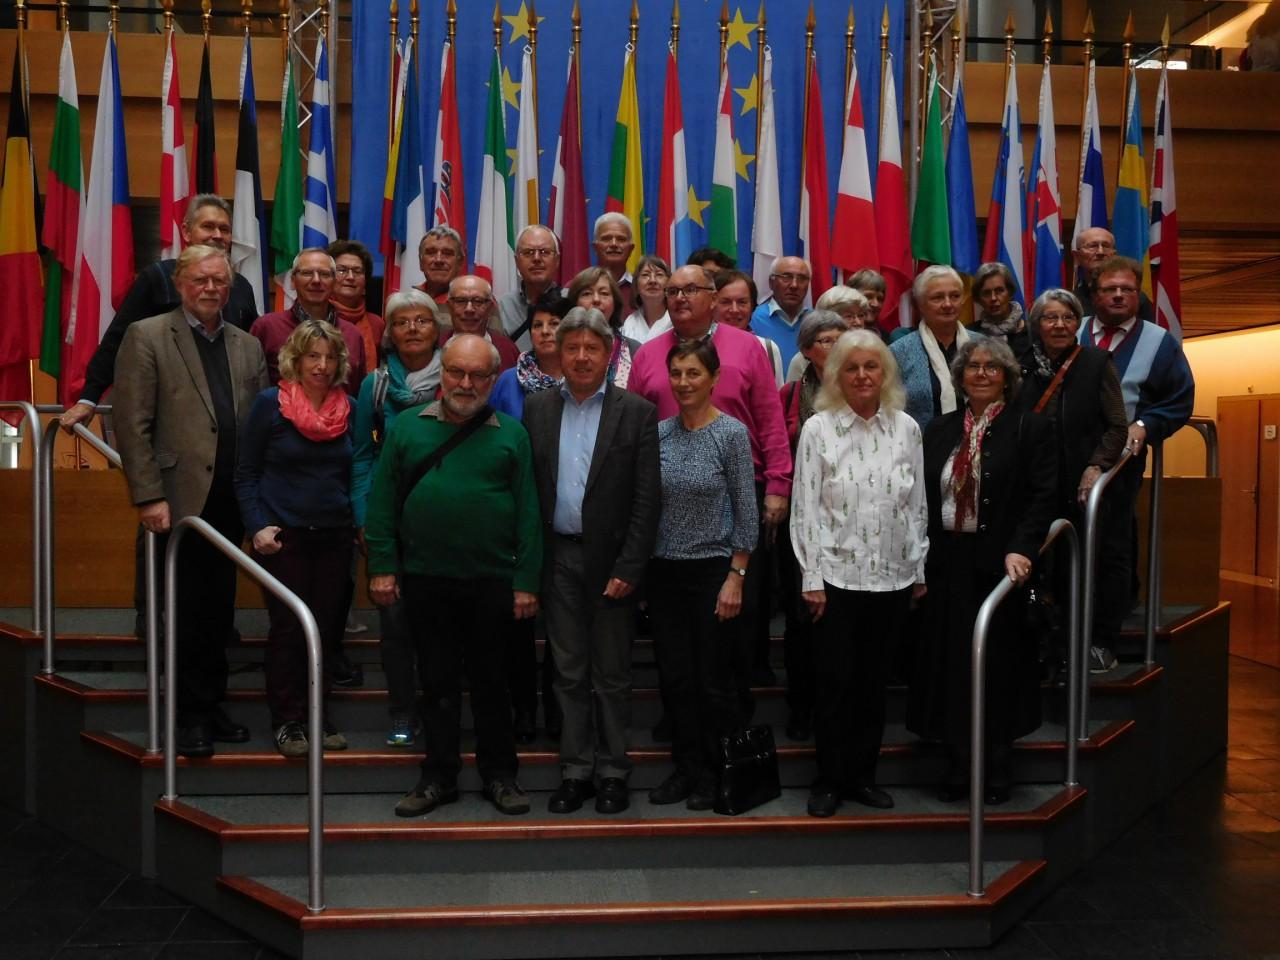 DSCN7365.JPG , StraßburgParlament2.jpg